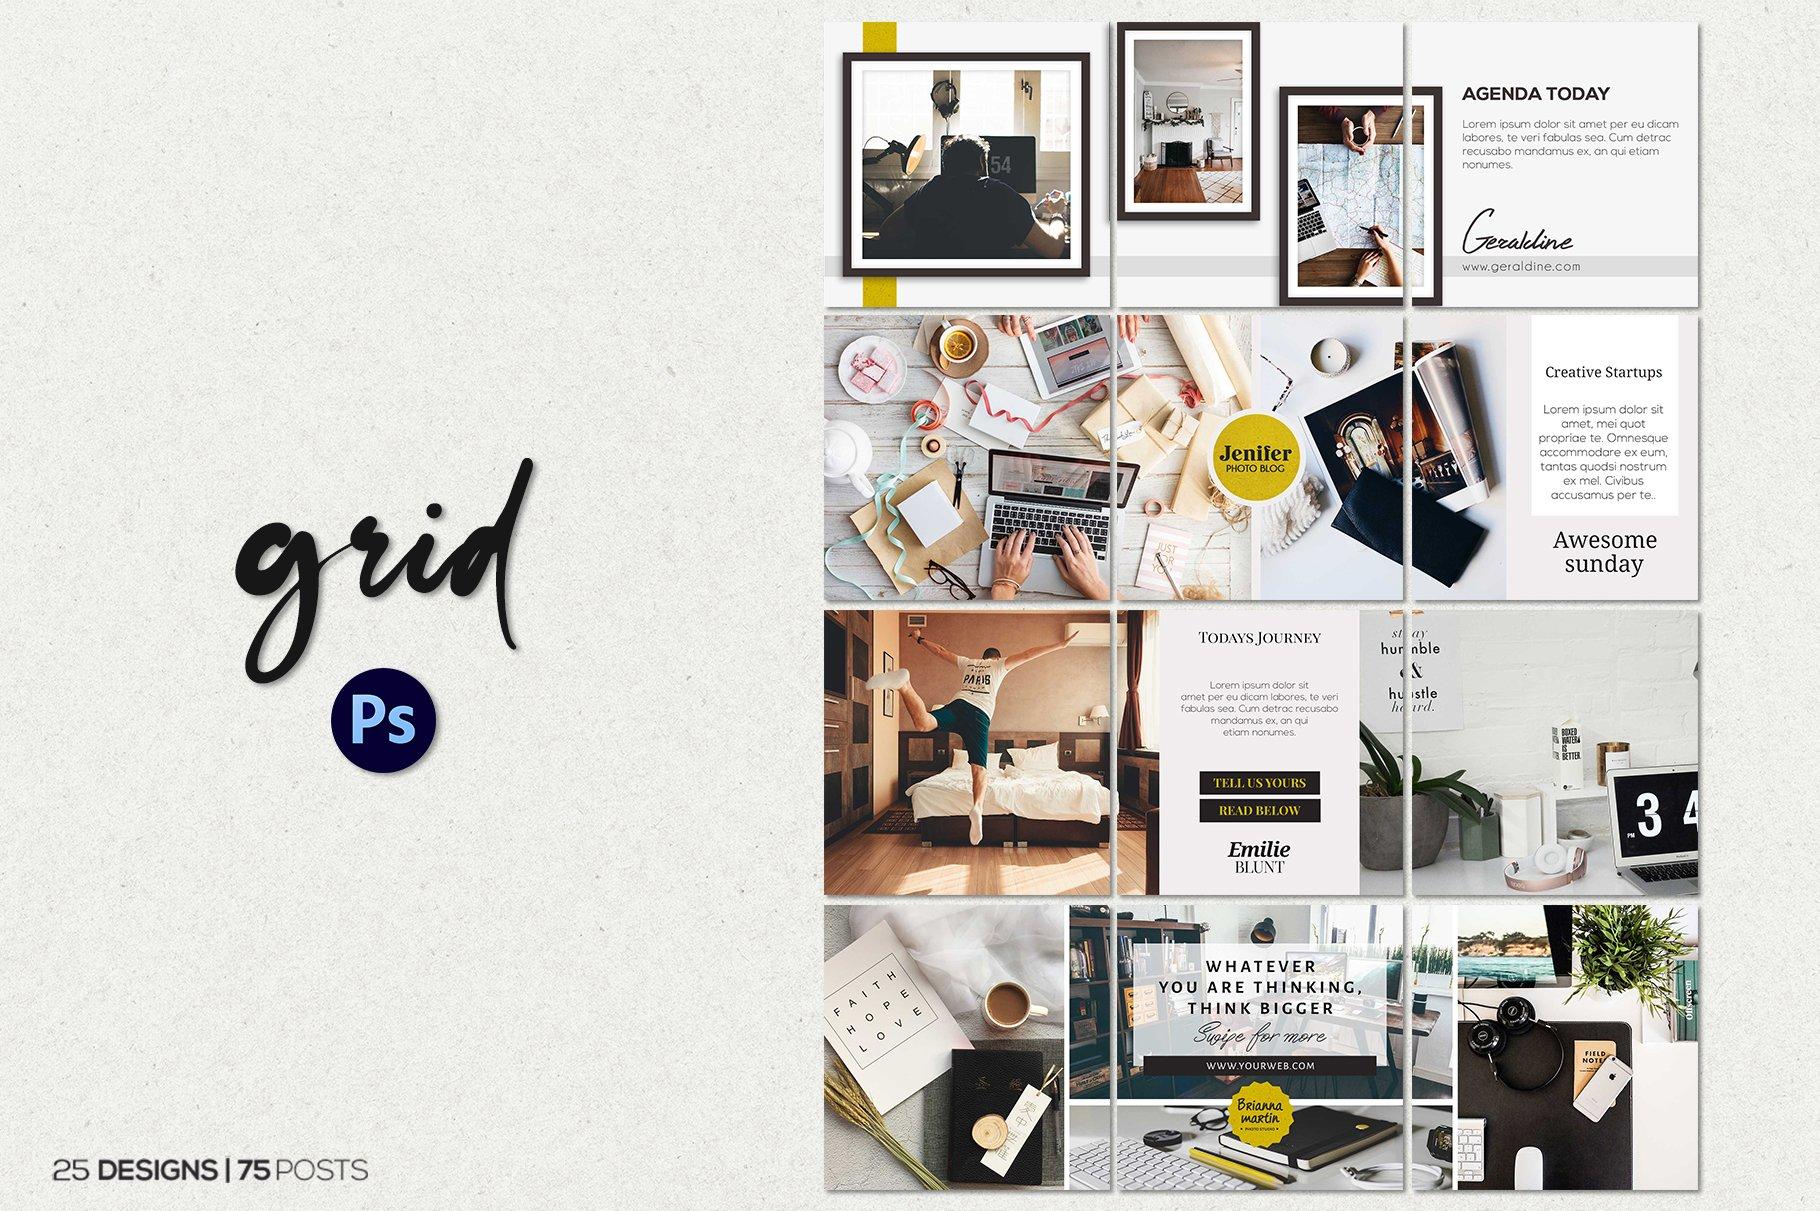 毛笔笔刷效果新媒体电商海报设计PSD模板 Agenda Insta Grid (Triple Posts)插图(3)